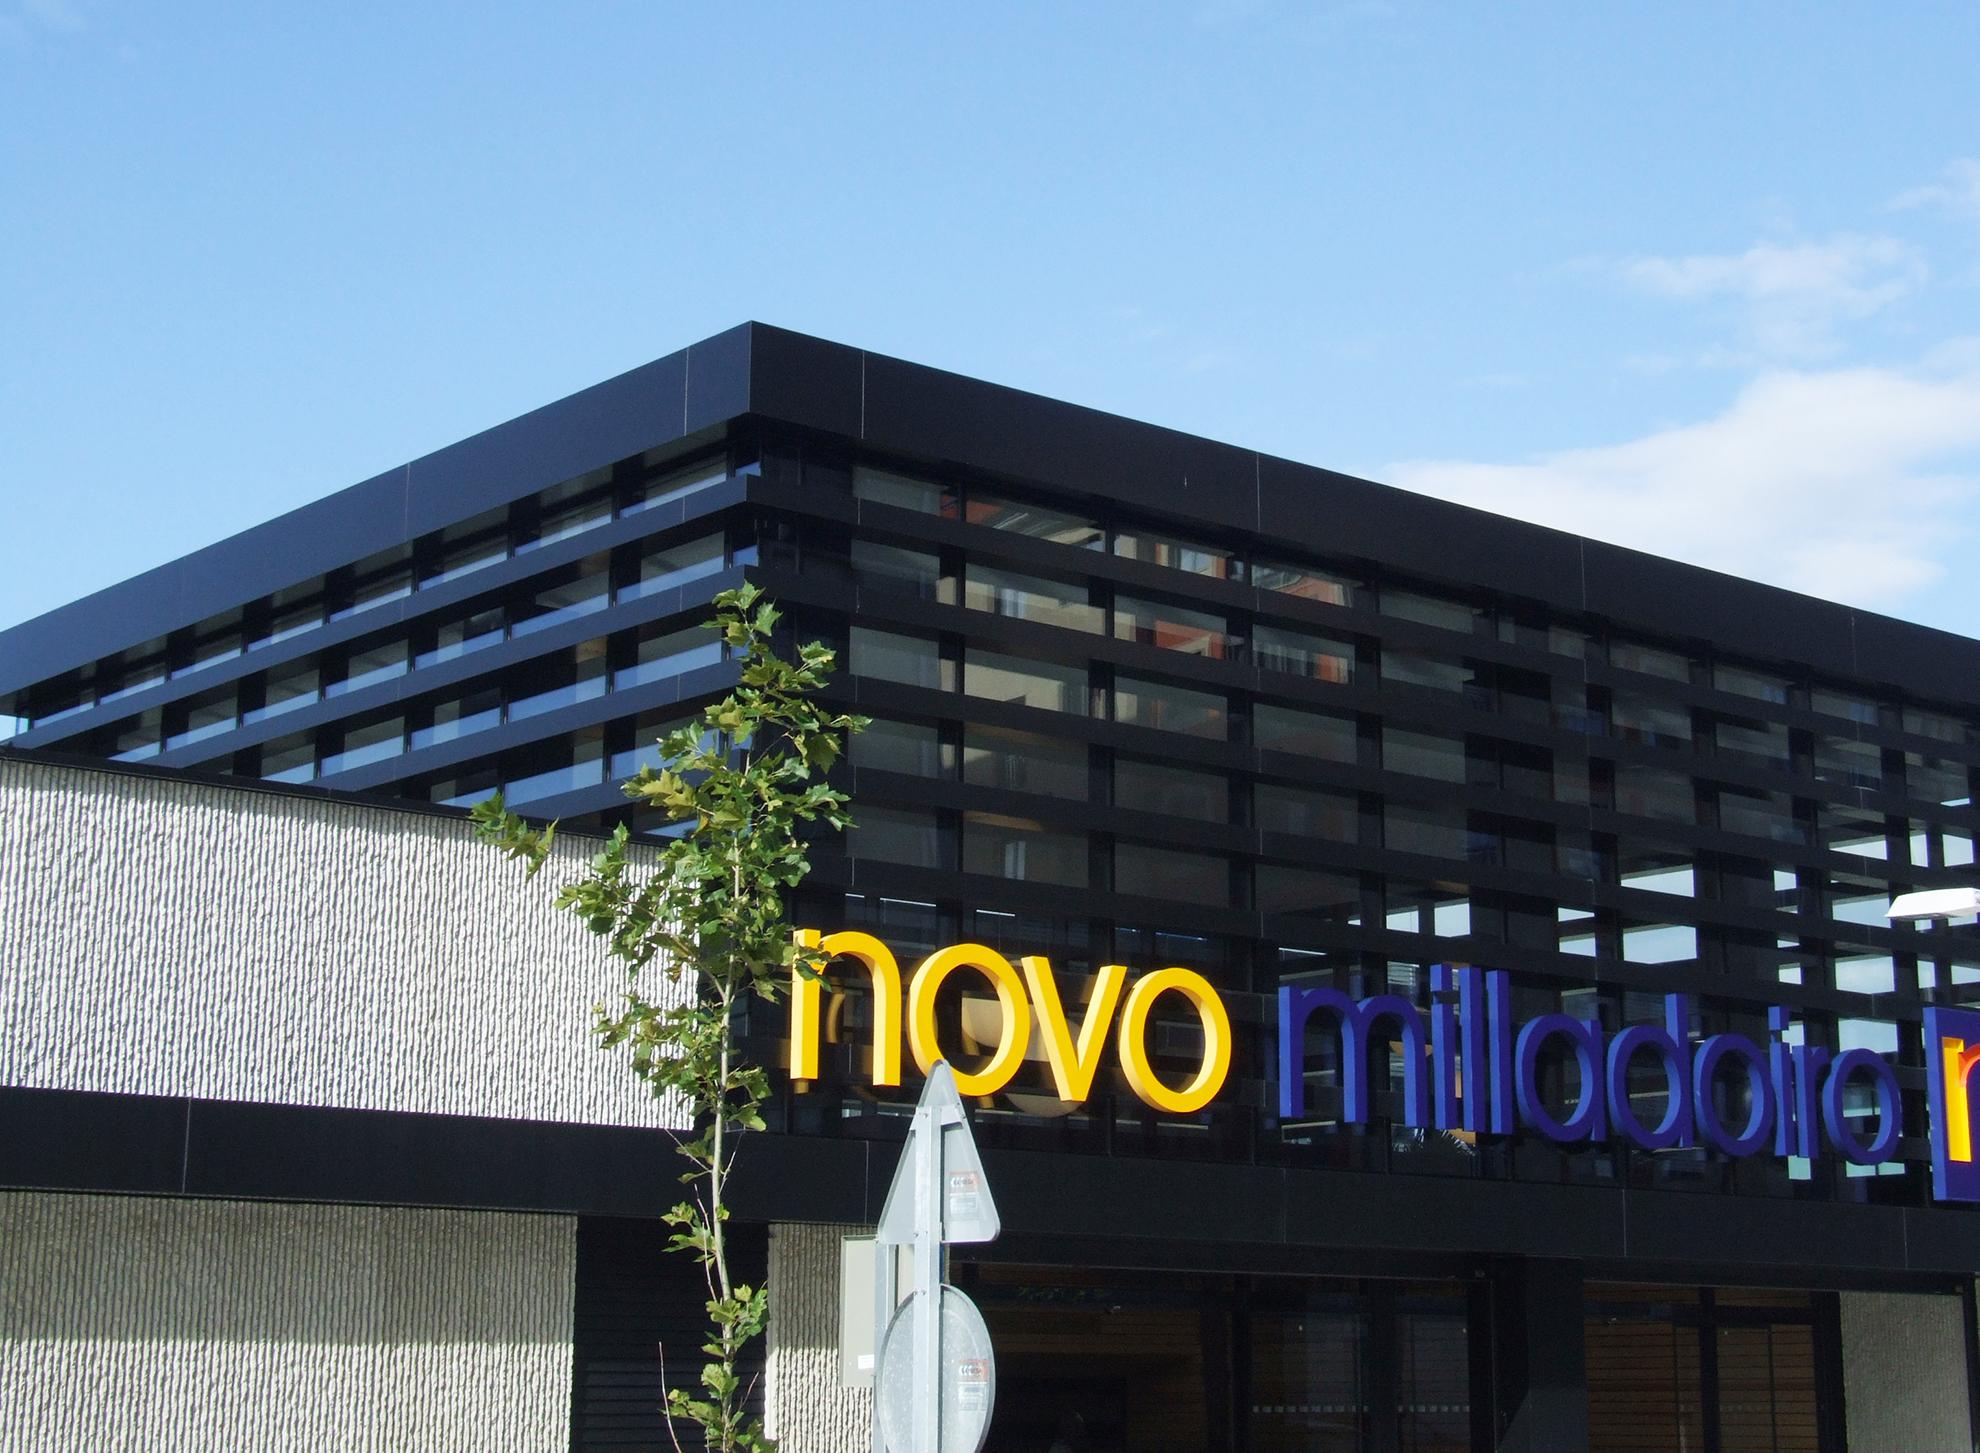 Centro-Comercial-Novo-Milladoiro.-A-Corua-Espaa.-larson-12_1586263801.jpg